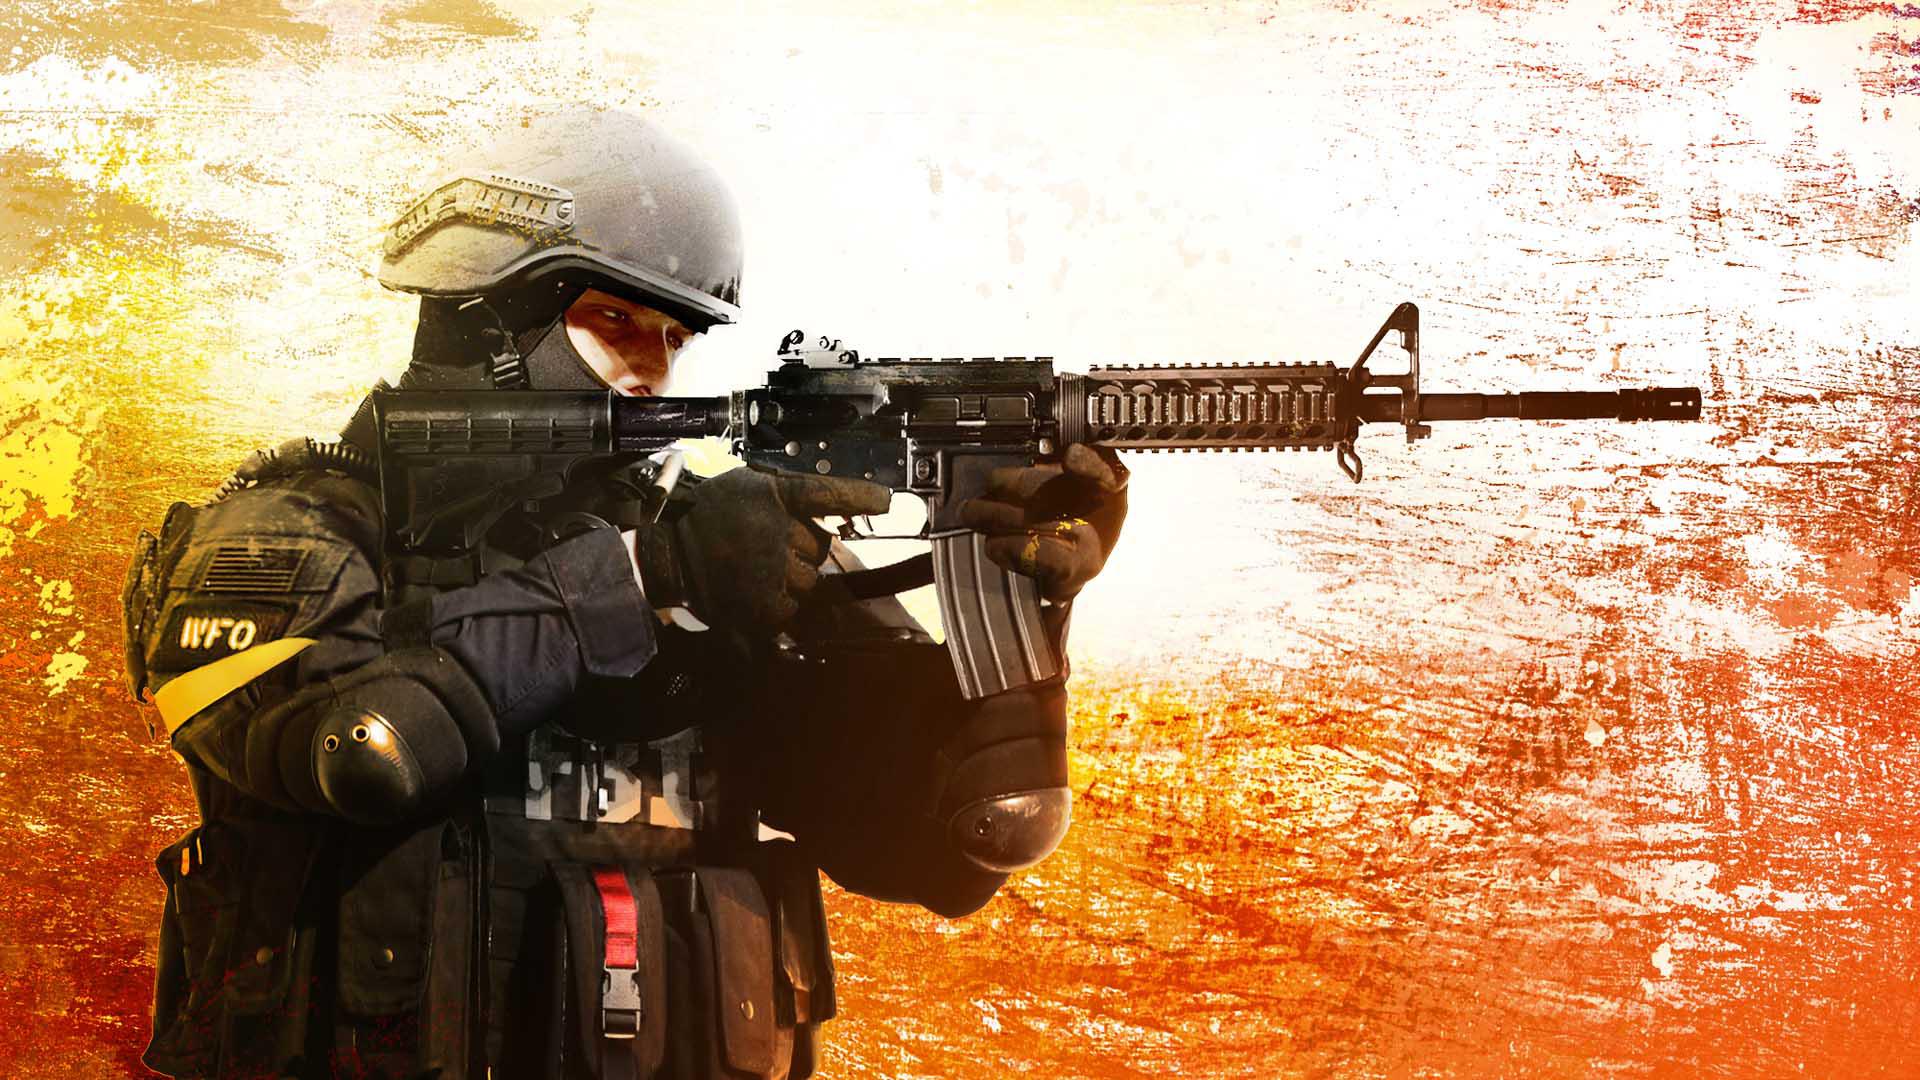 Что не так с картой Dust 2 и другие подробности об игре CS:GO